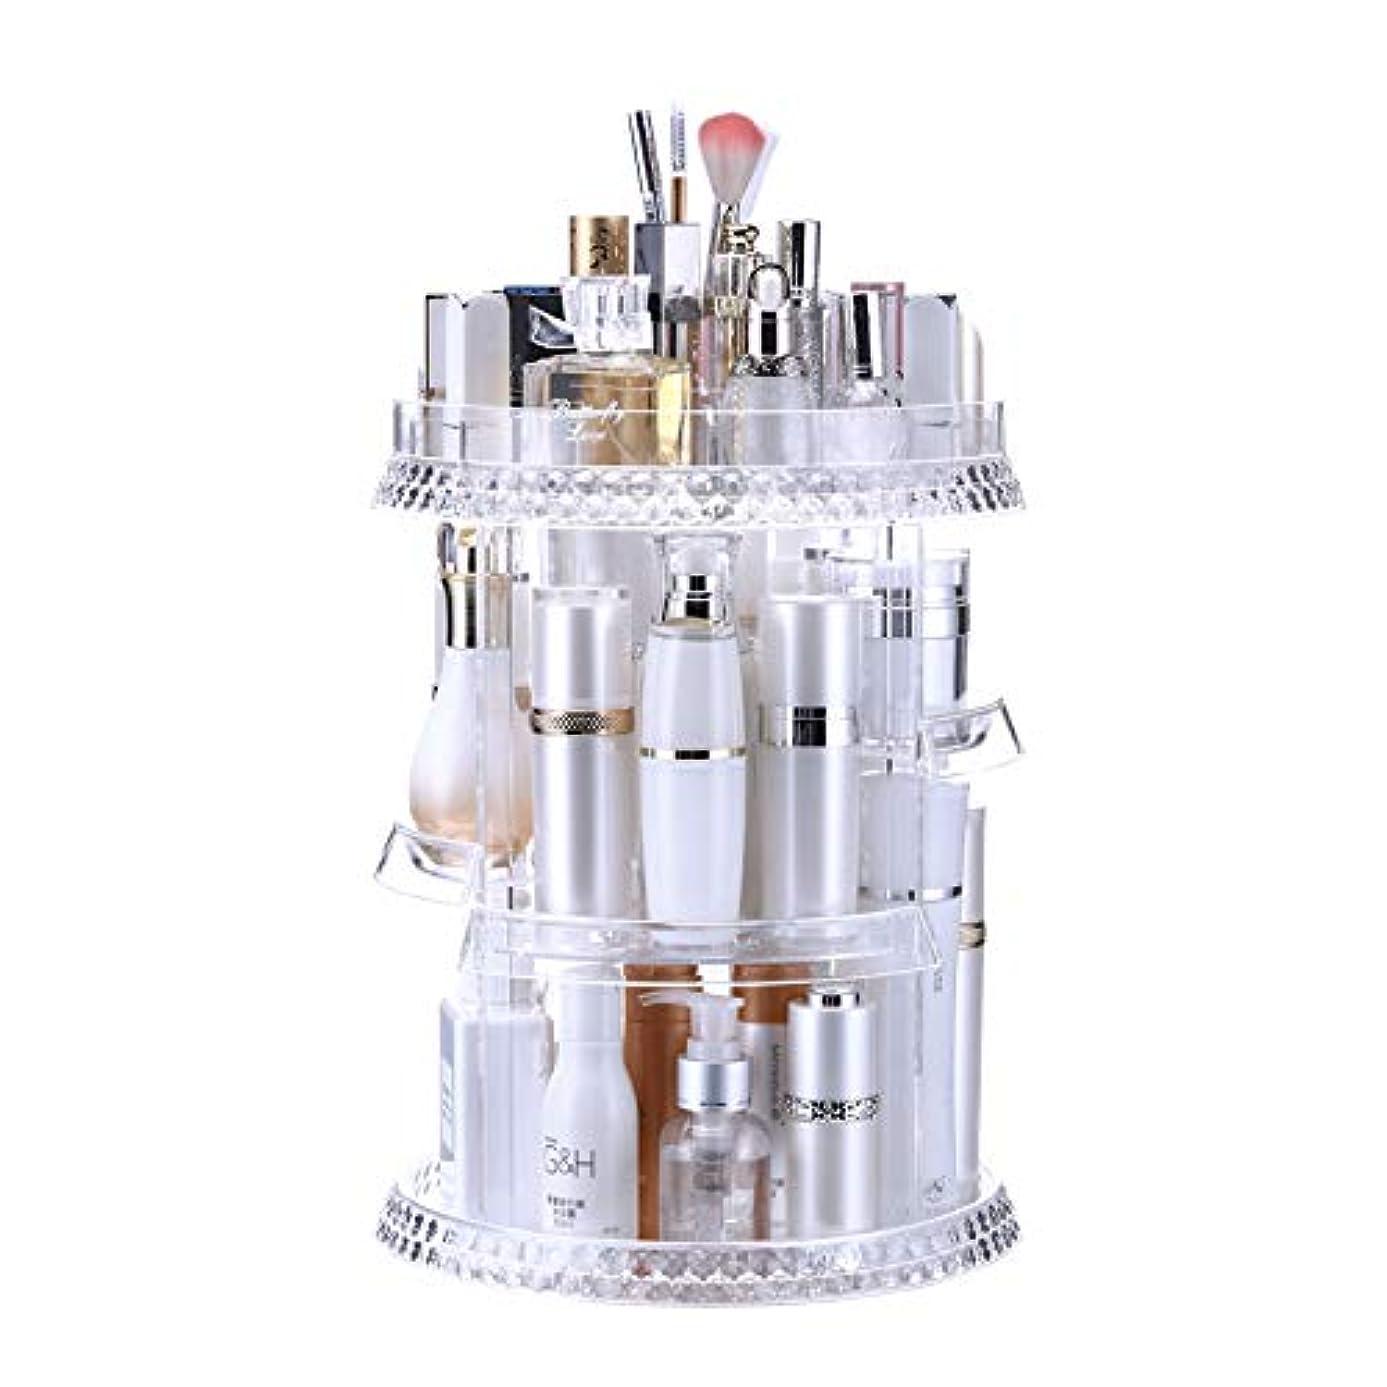 憂鬱な雑多なグラフStarmory メイクボックス 360度回転式 大容量 (ダイヤモンドクリスタルスタイル) メイクケース 香水 口紅 化粧道具 収納 高さ調節可能 透明プラスチック化粧品ケース